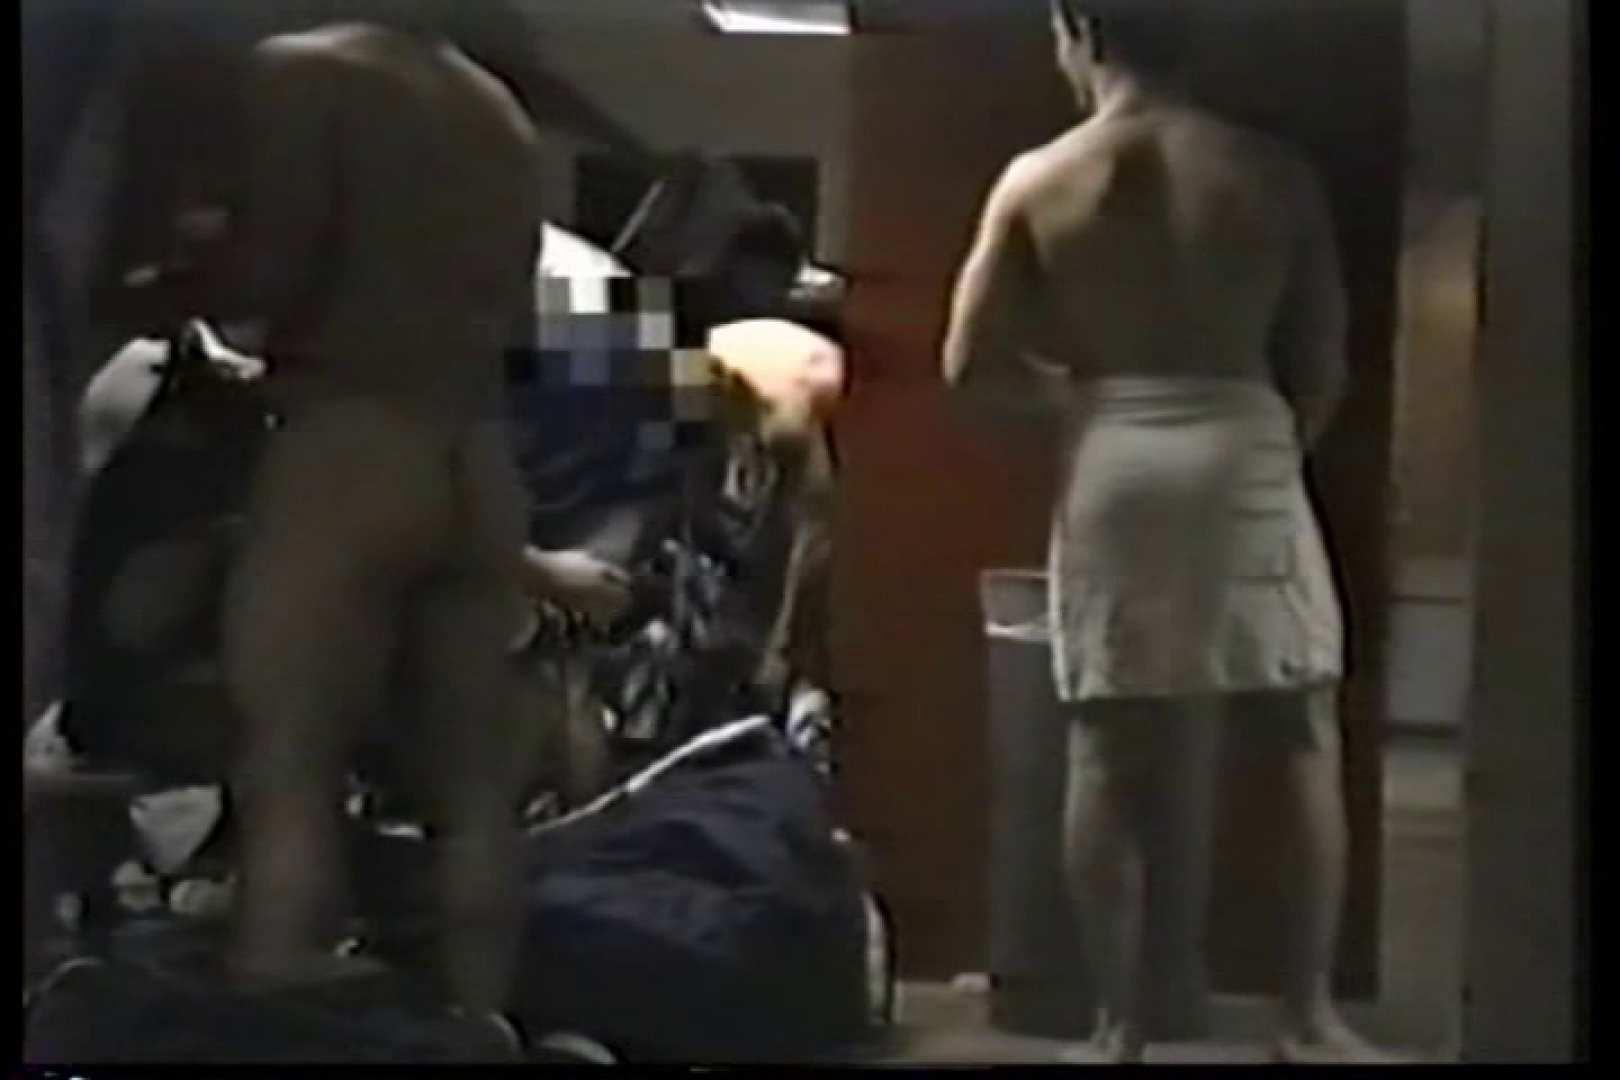 洋人さんの脱衣所を覗いてみました。VOL.3 のぞき  38pic 13